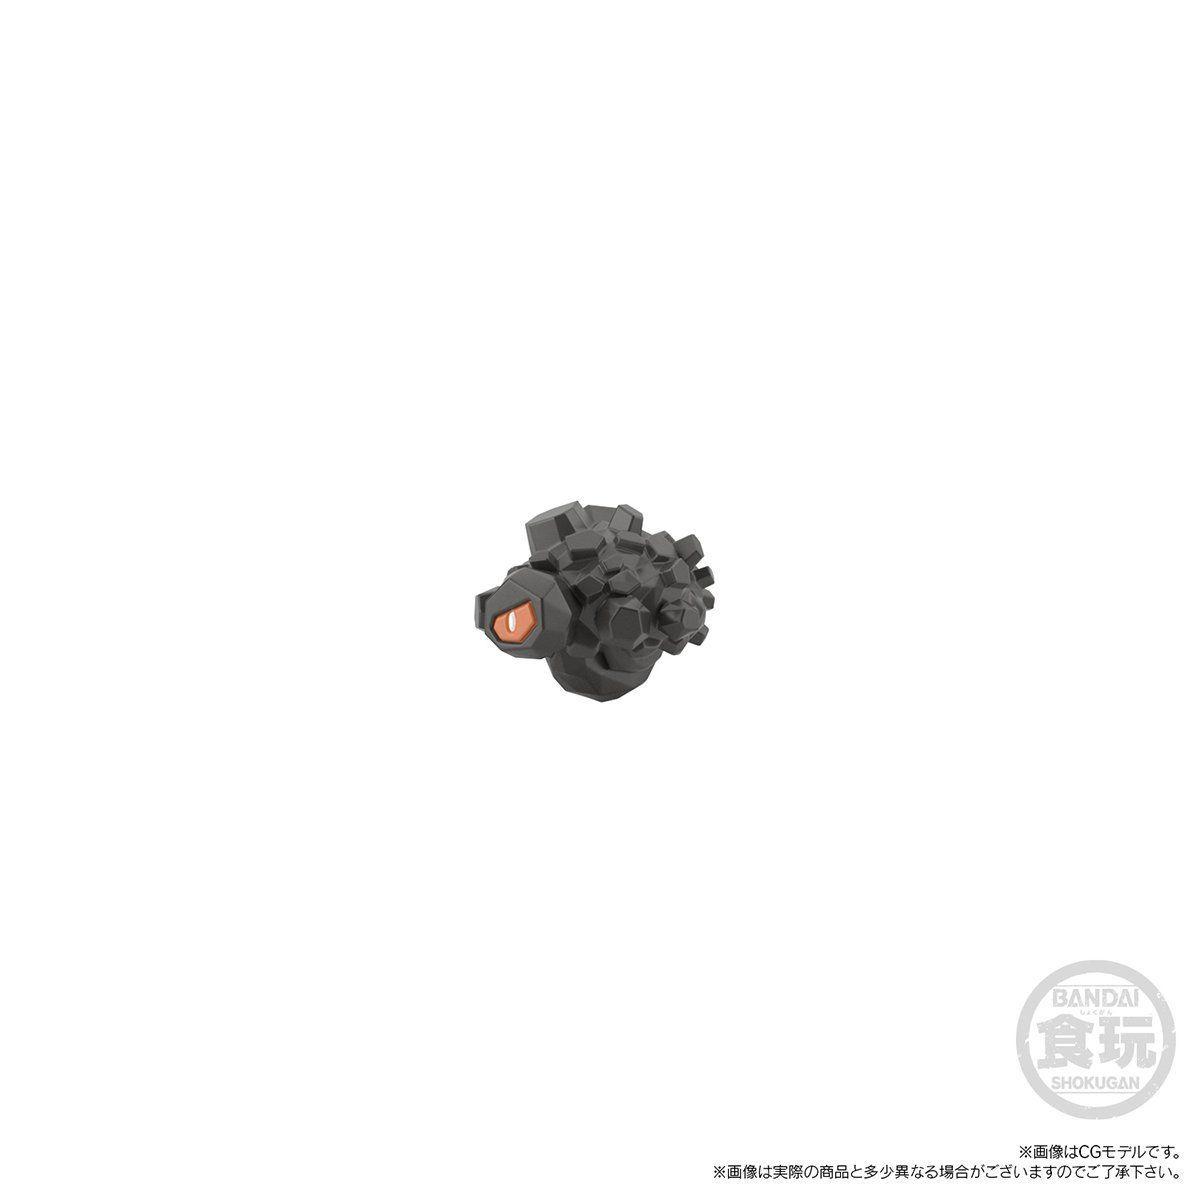 【限定販売】【食玩】ポケモンスケールワールド ガラル地方『ジムバトル』セット-006